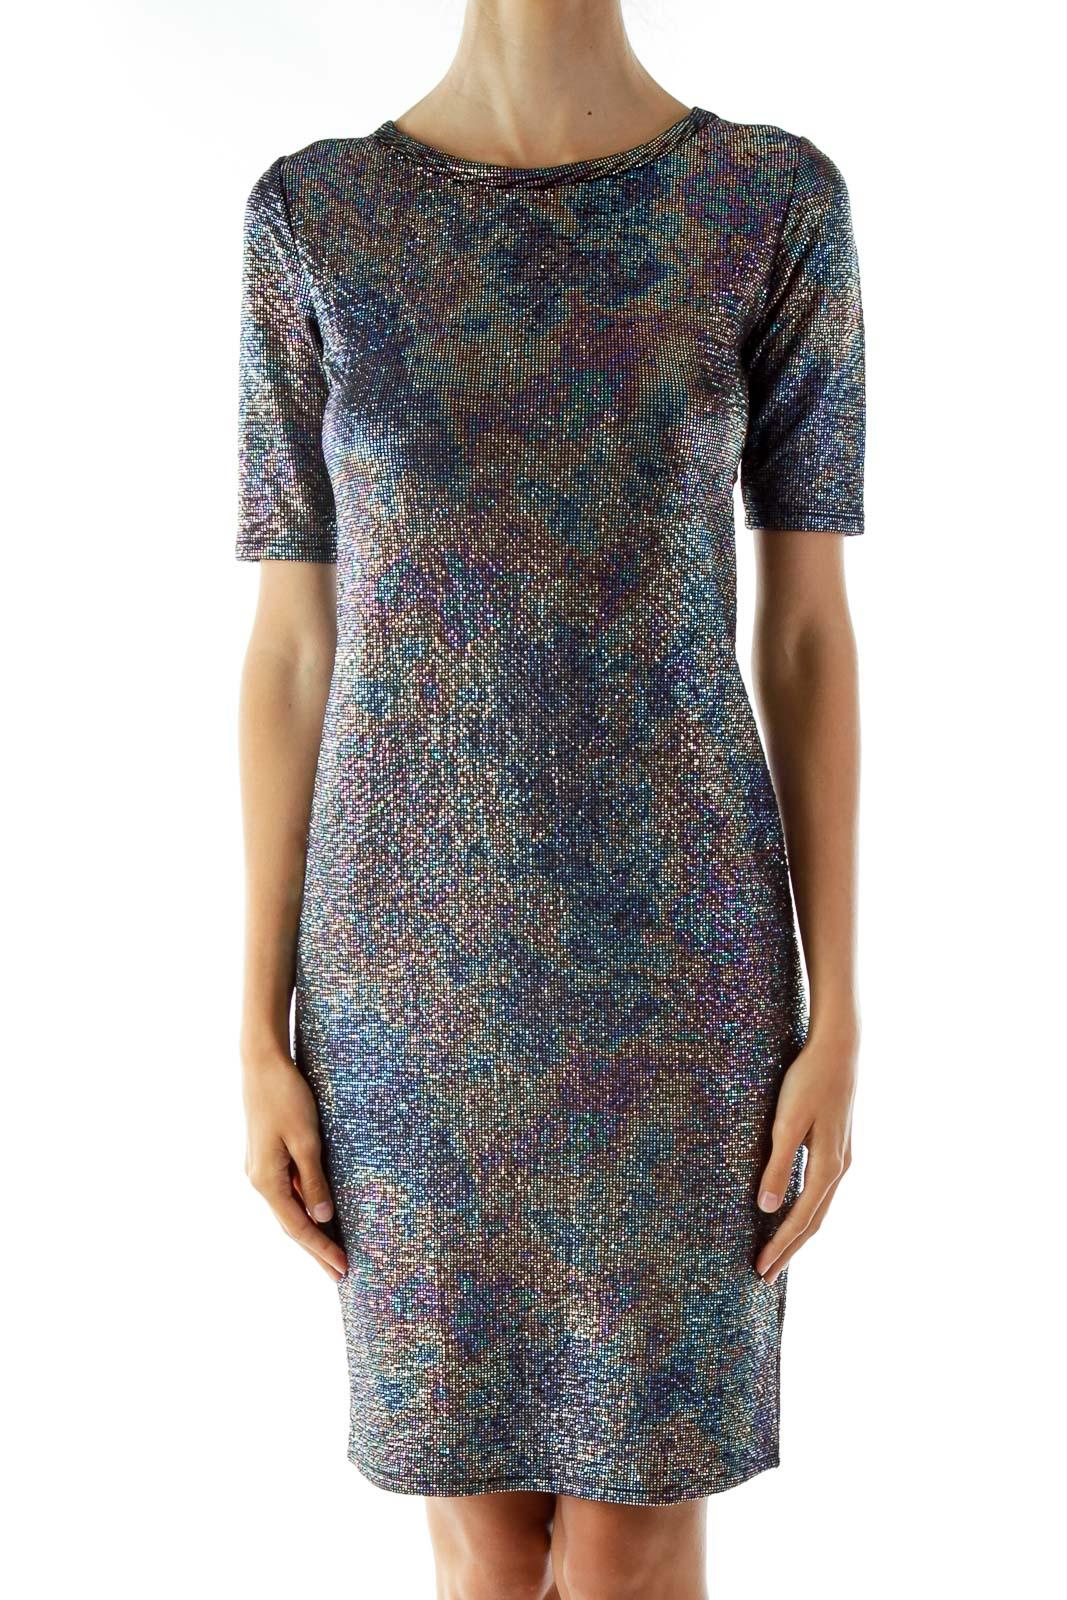 Black Multi-Color Scale Metallic Jersey Dress